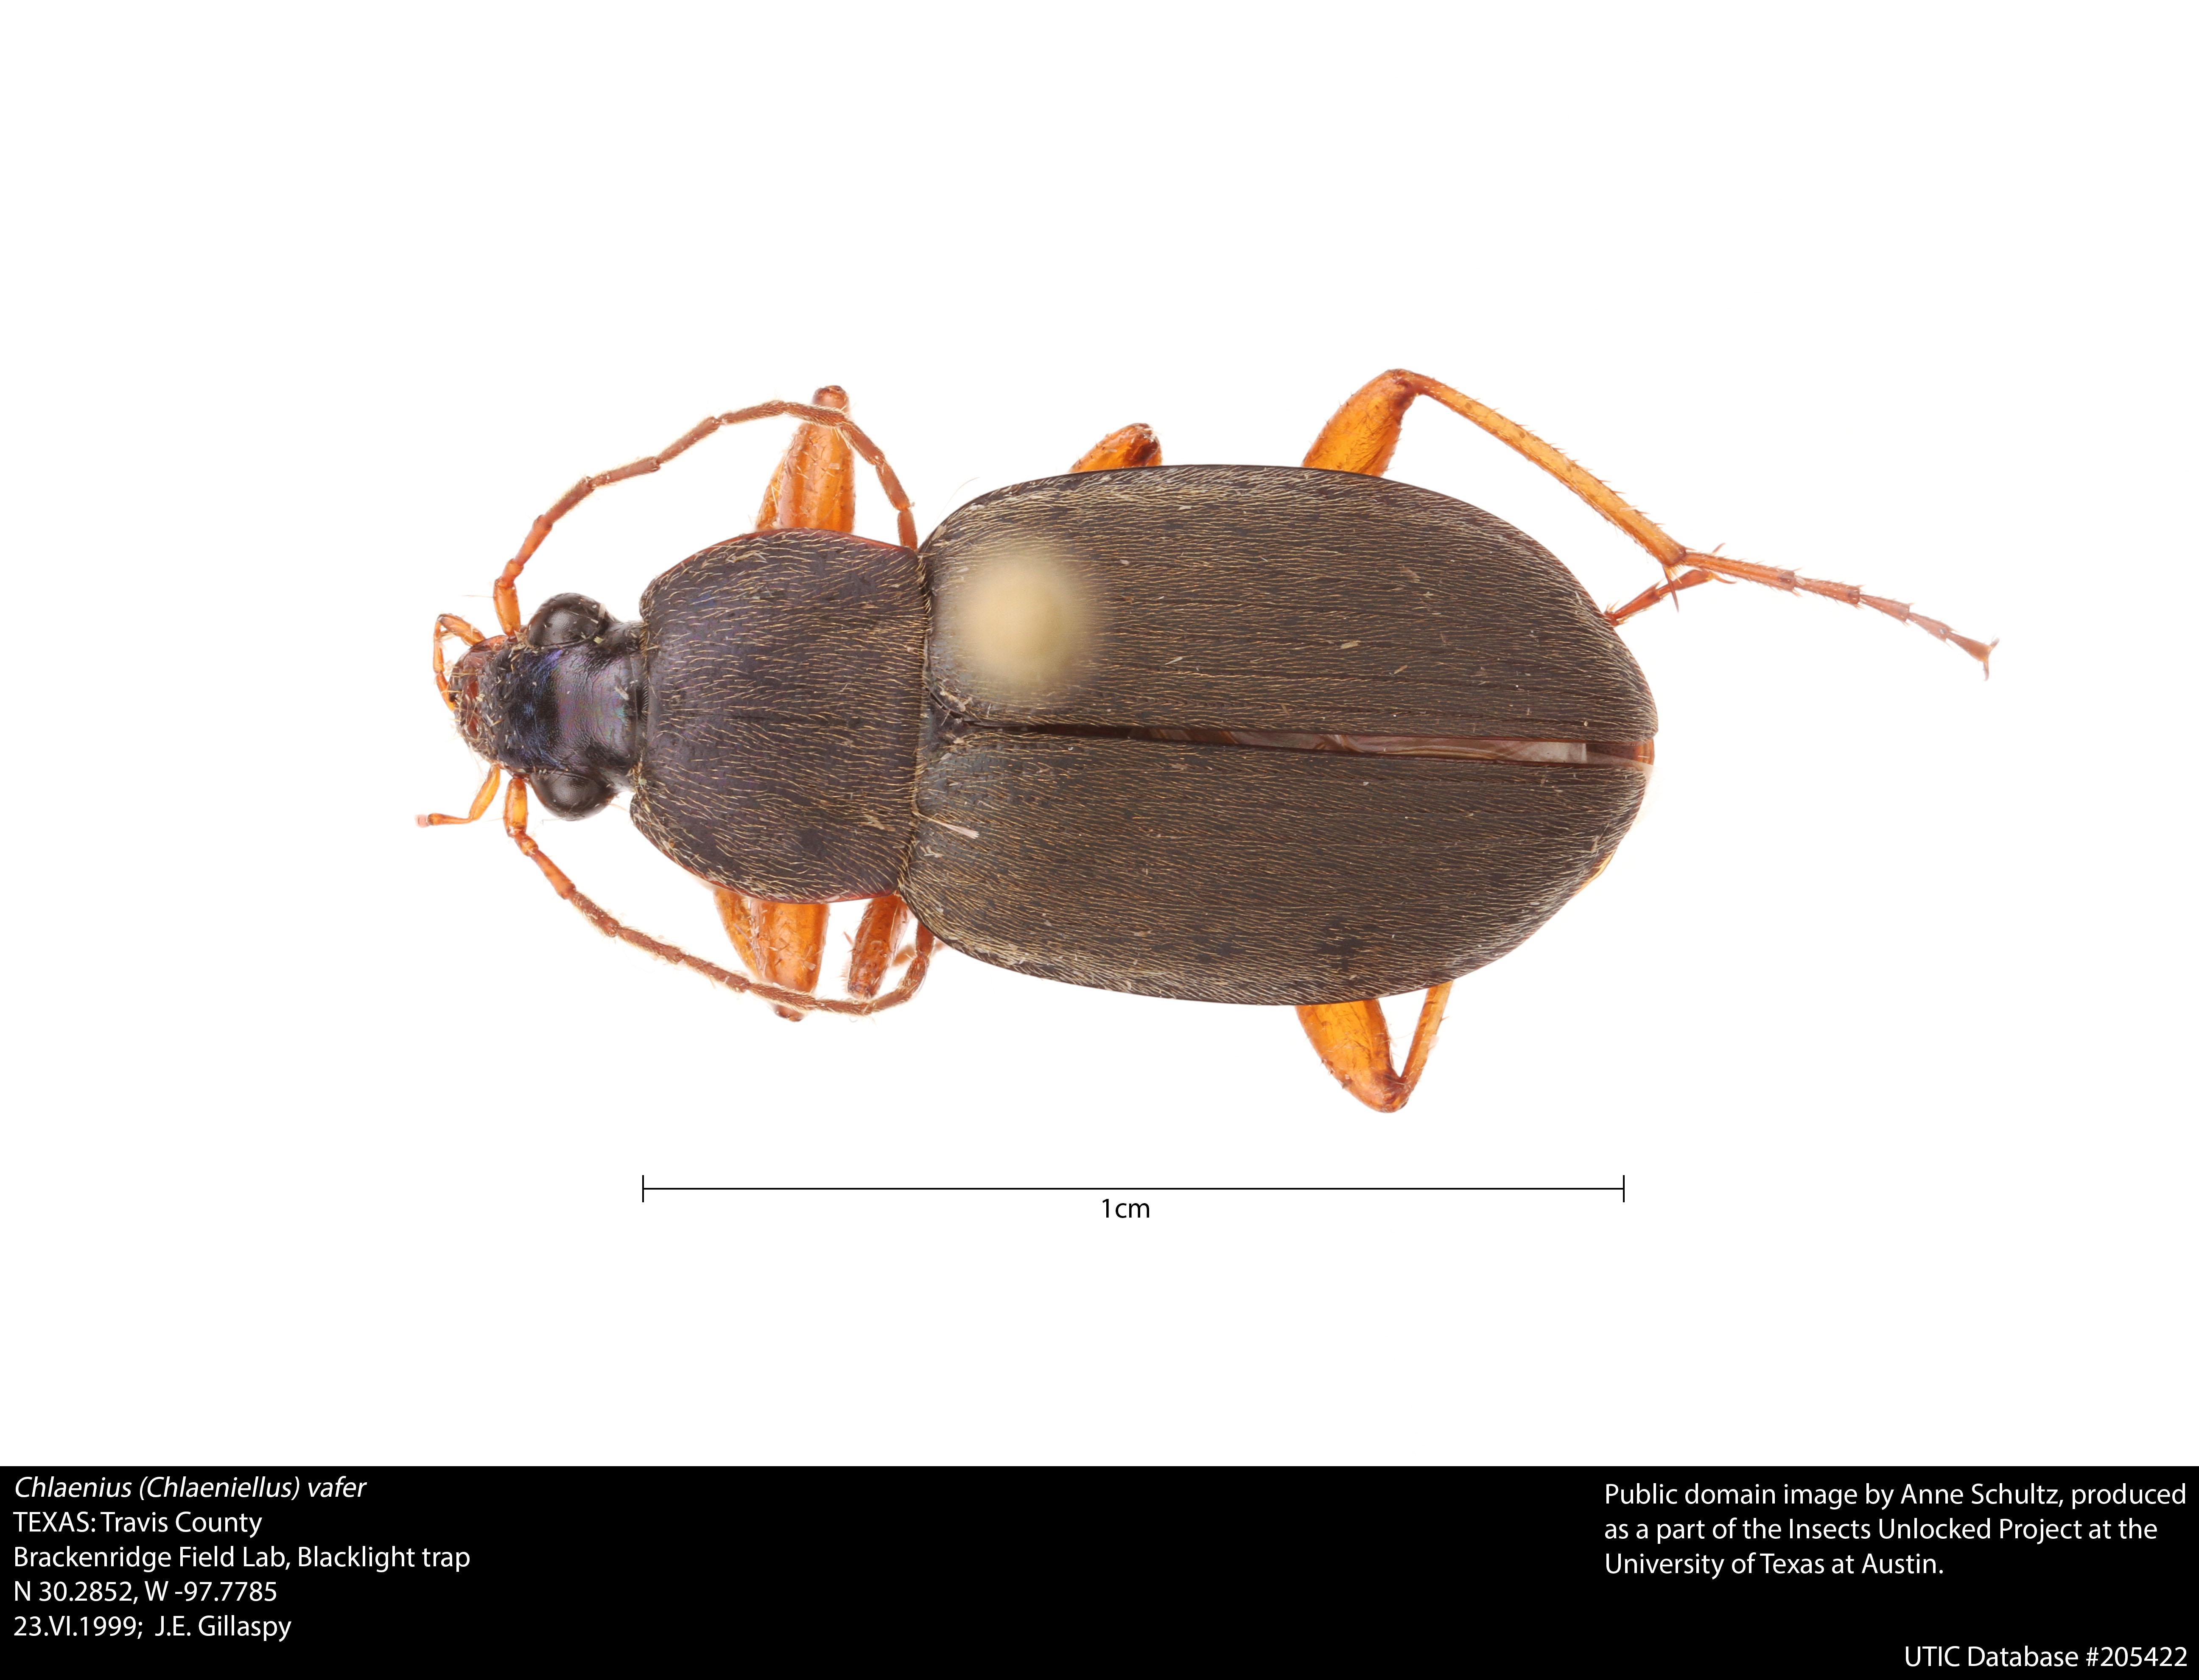 Chlaenius vafer - Wikipedia